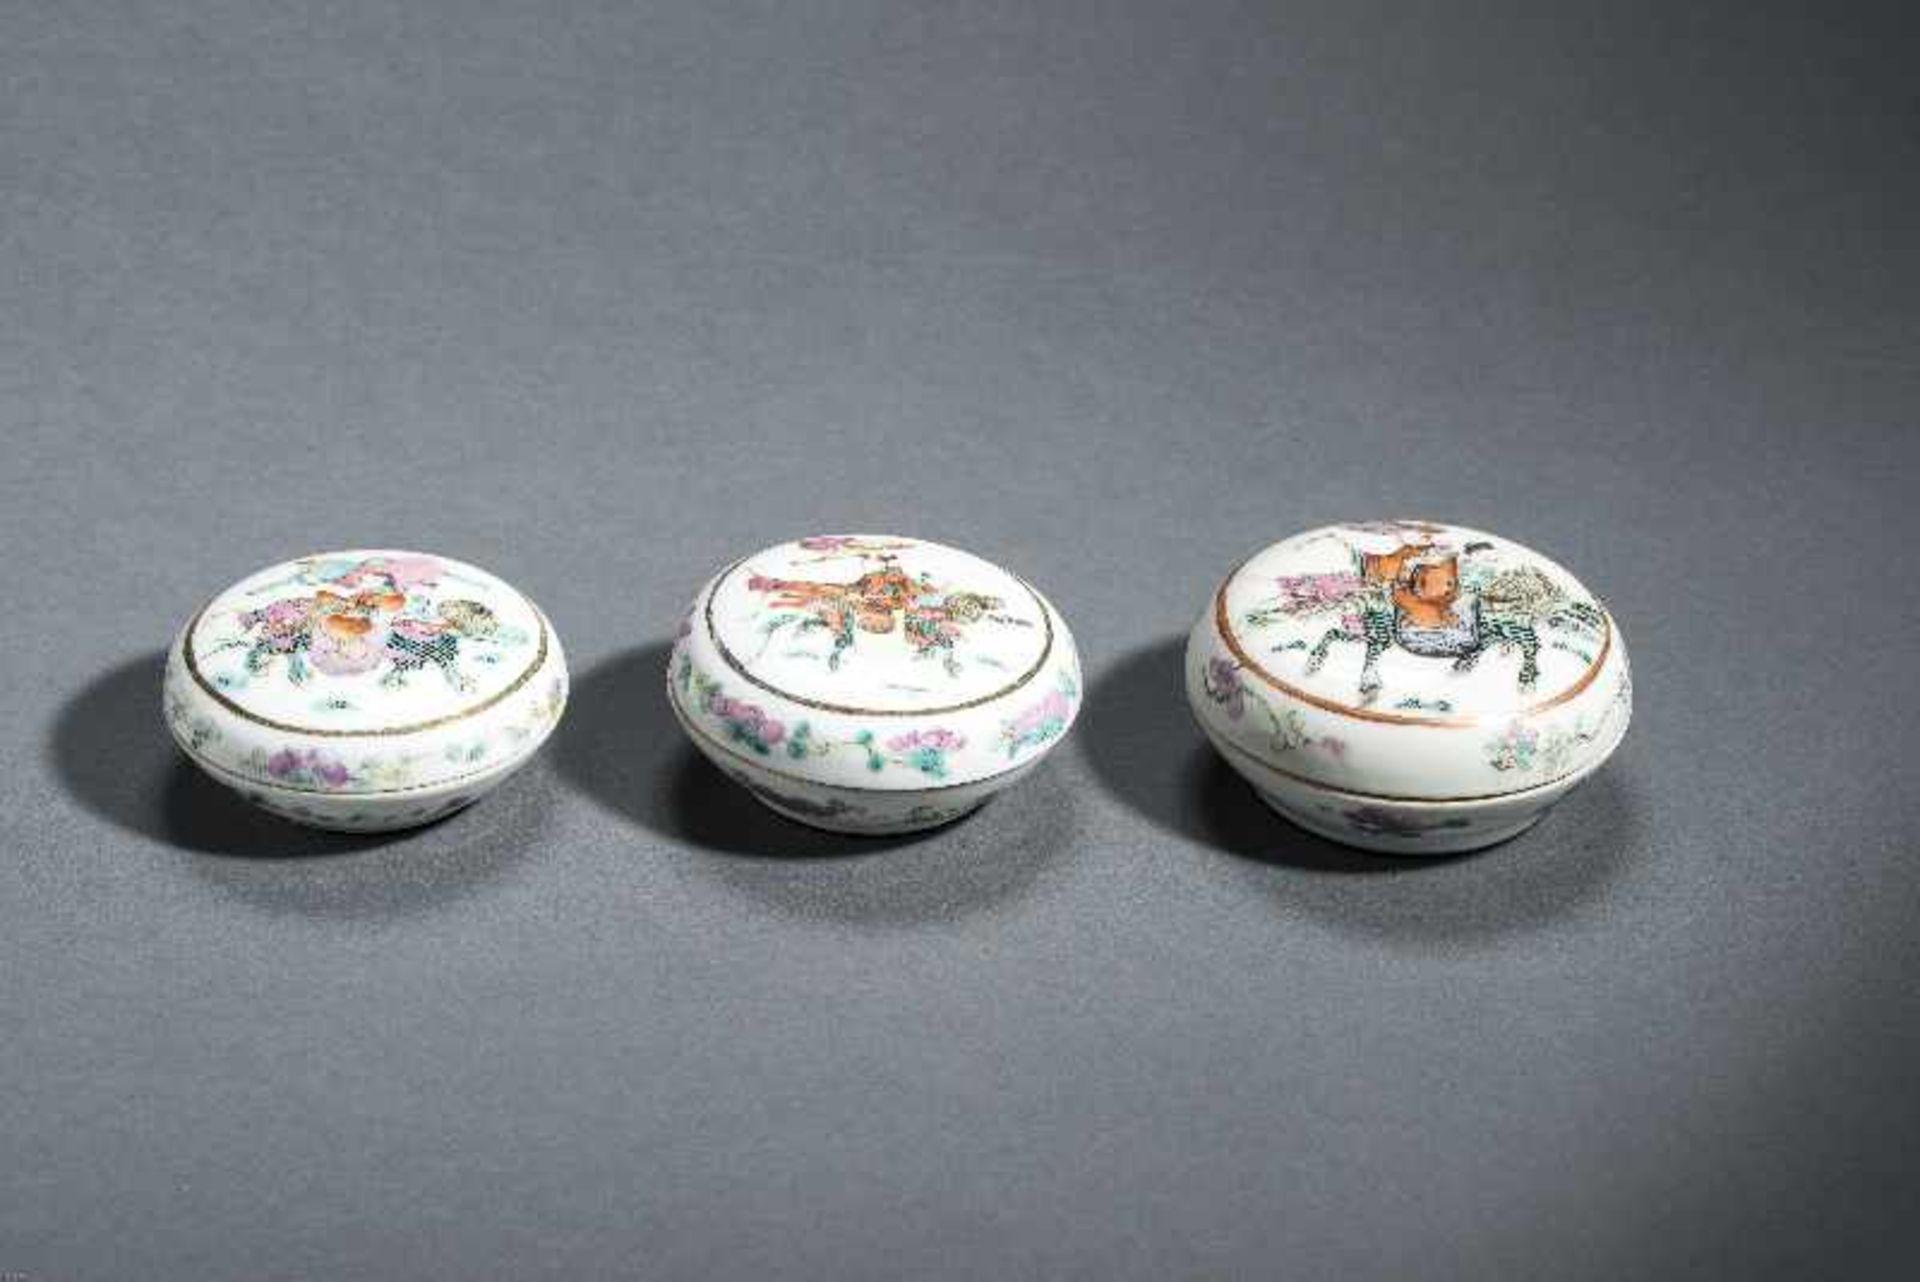 DREI DECKELSCHALEN MIT FABELTIEREN UND REITERN Porzellan mit Emailfarben und Gold. China, Qing- - Image 3 of 7